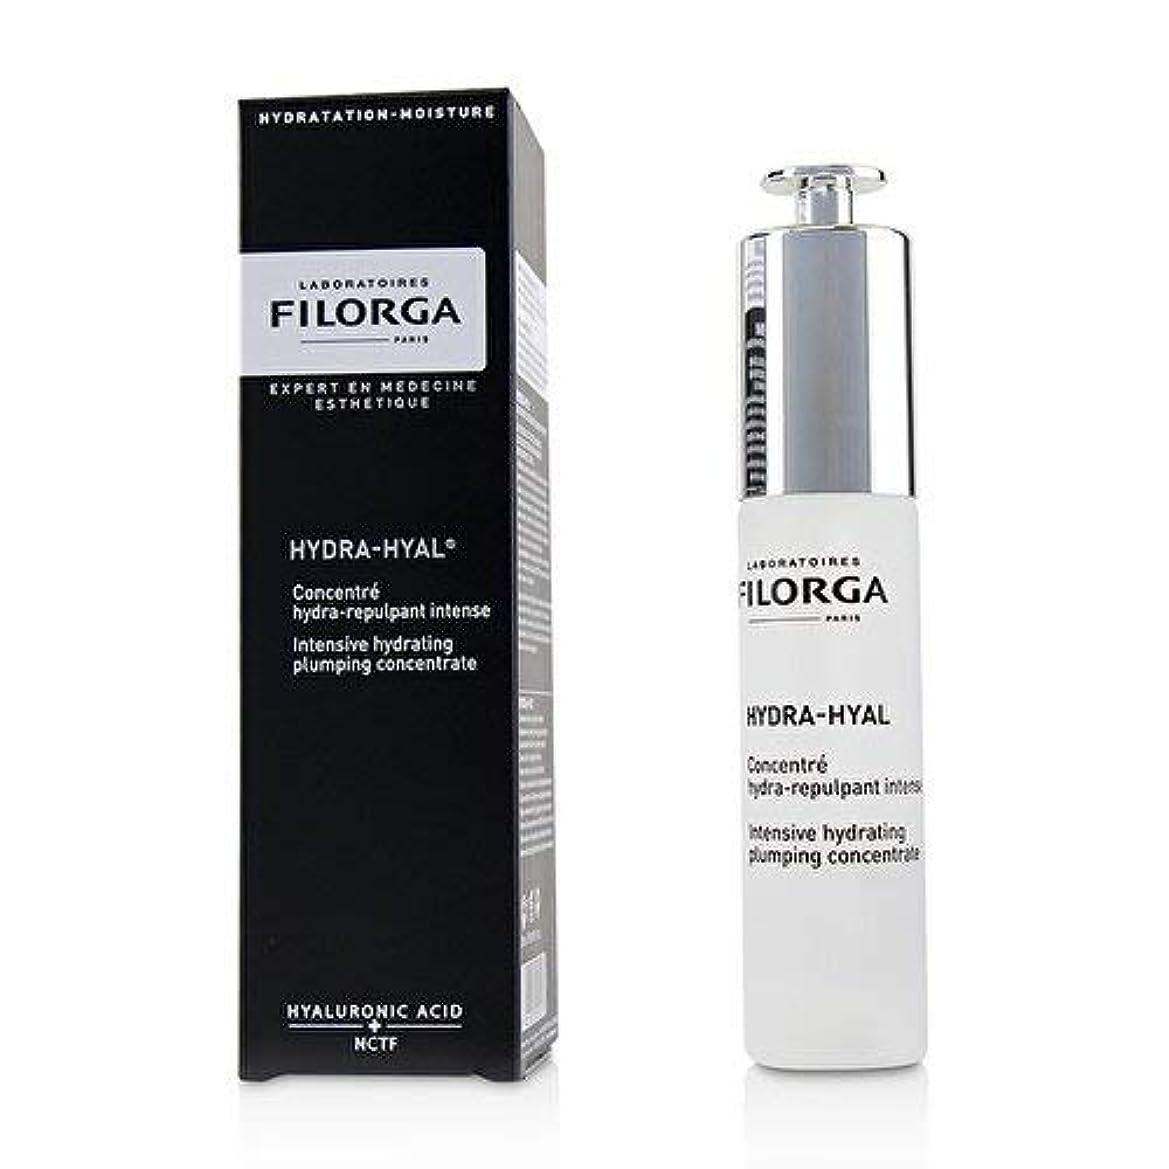 国際プレゼンター支出Filorga Hydra-Hyal Intensive Hydrating Plumping Concentrate 1V1320DM/359720 30ml/1oz並行輸入品